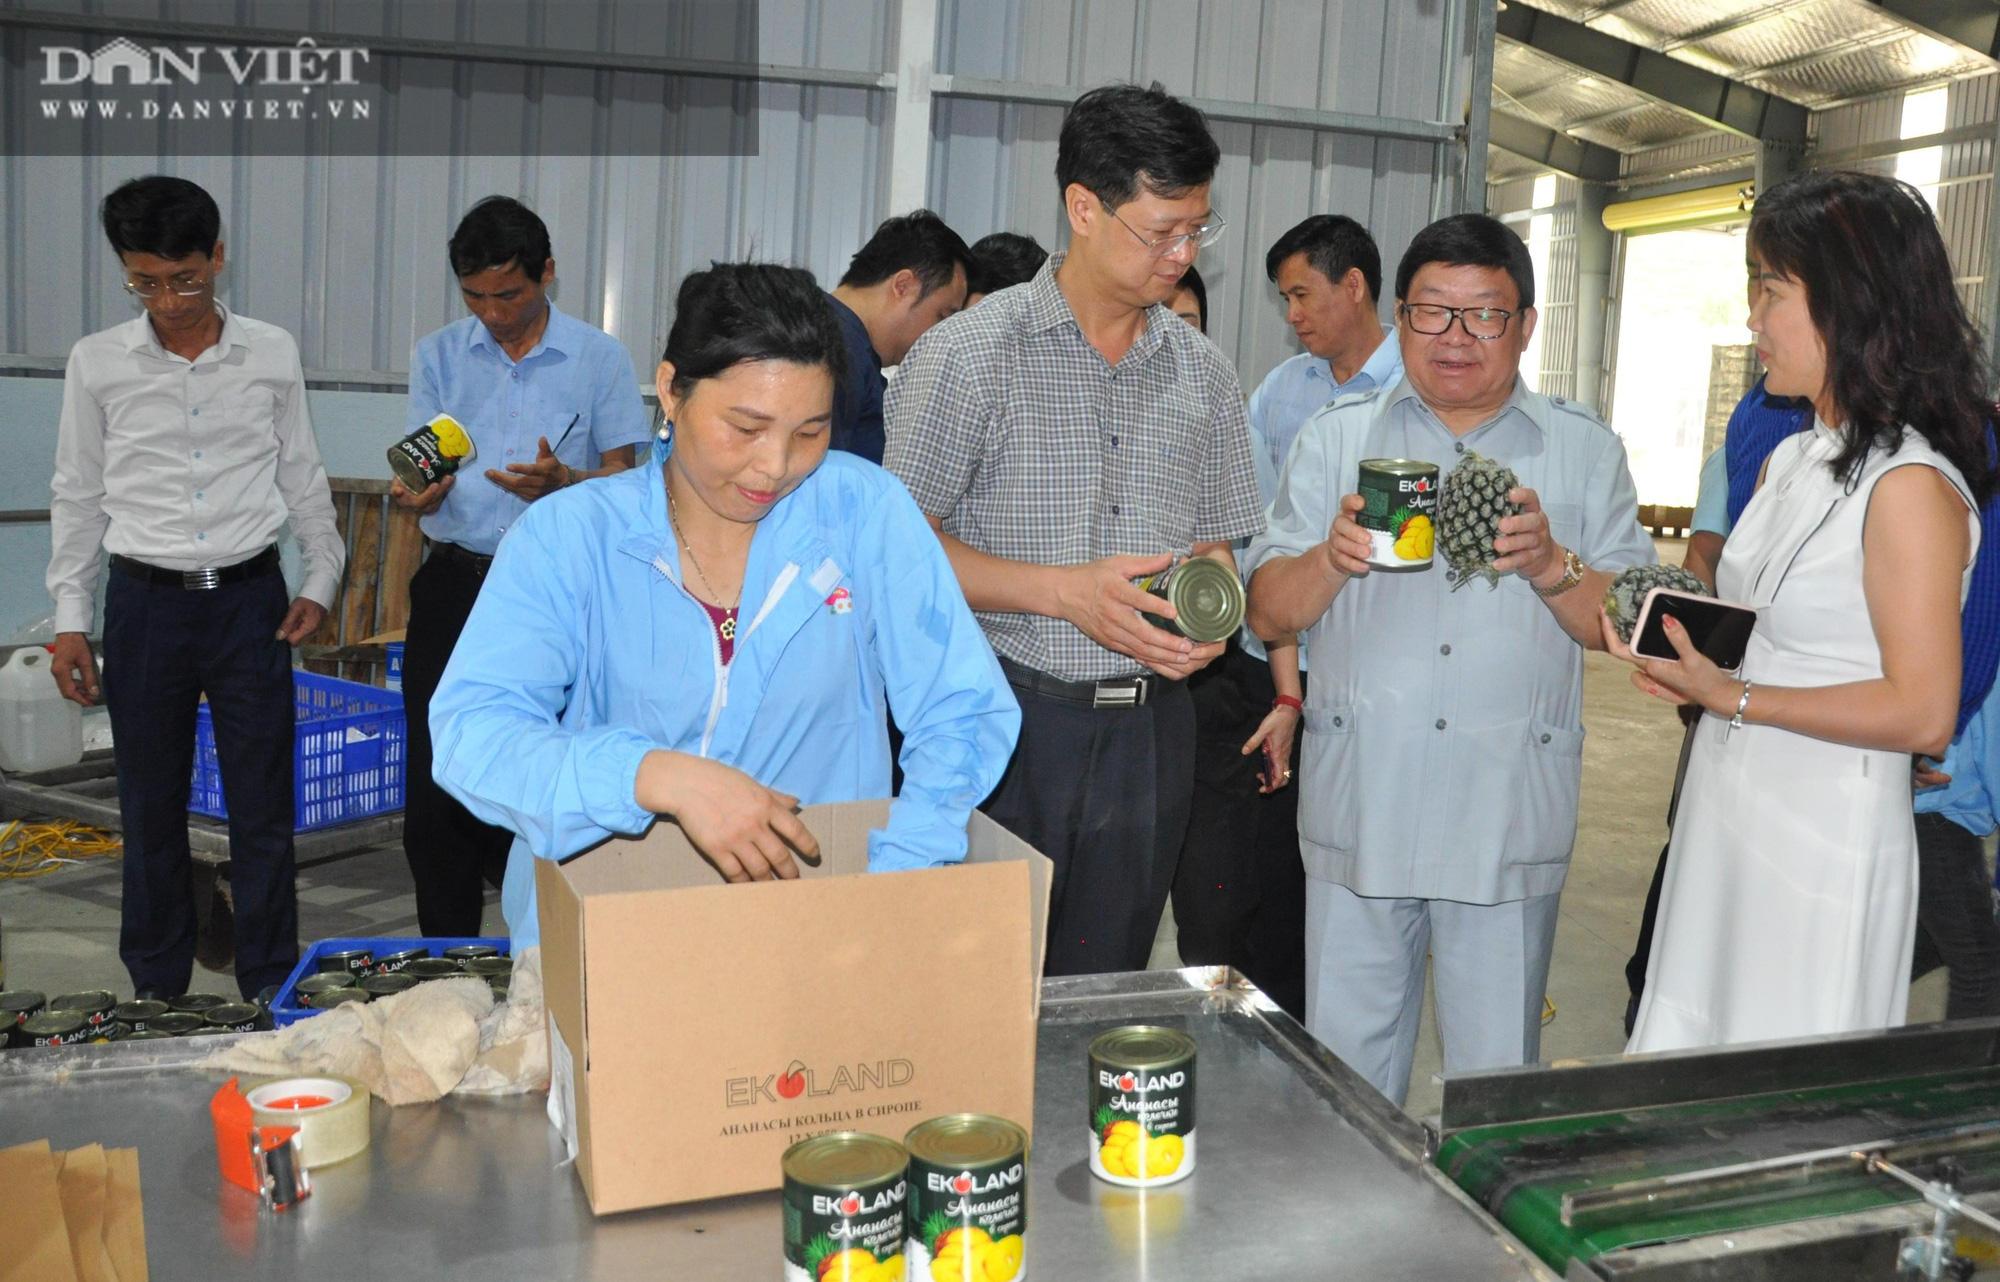 Chủ tịch Hội Nông dân Việt Nam thăm nhà máy chế biến rau quả xuất khẩu lớn ở huyện biên giới - Ảnh 4.